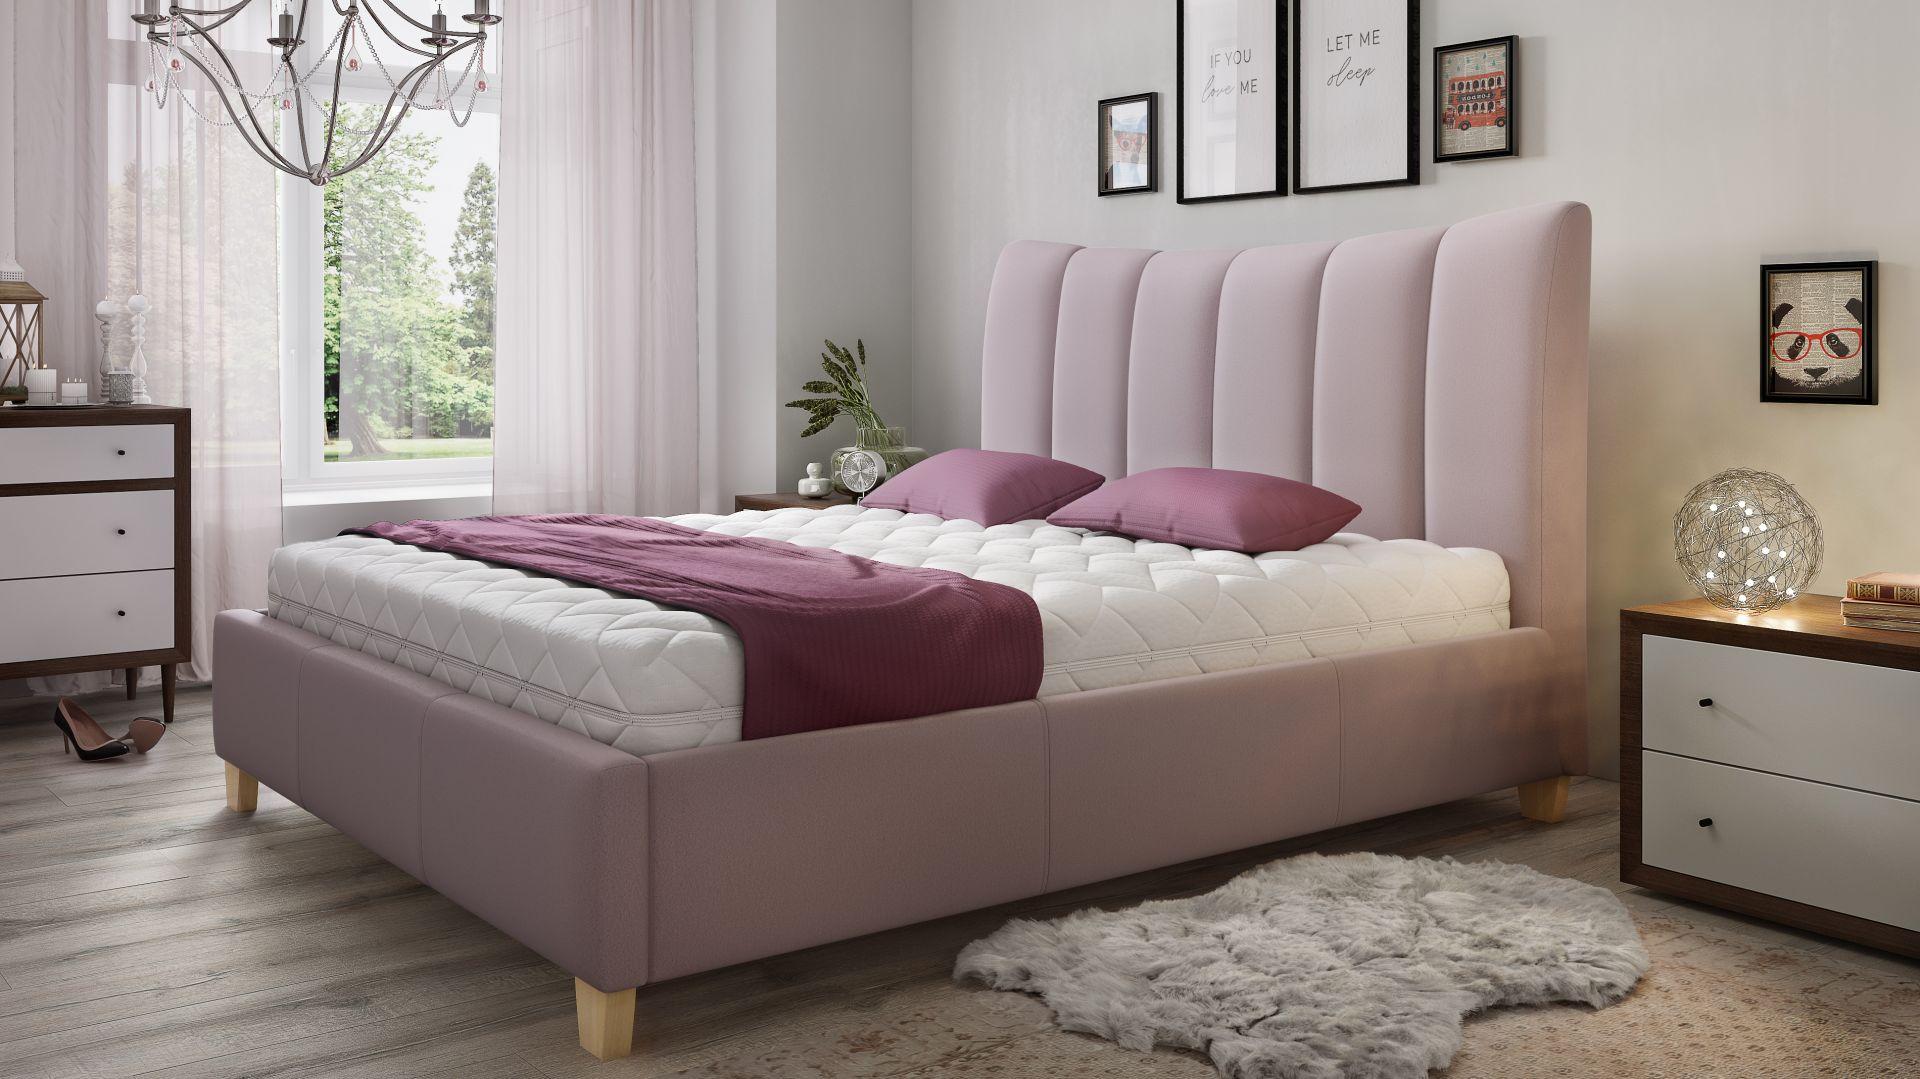 Łóżko tapicerowane Ariel marki Comforteo. Fot. Comforteo